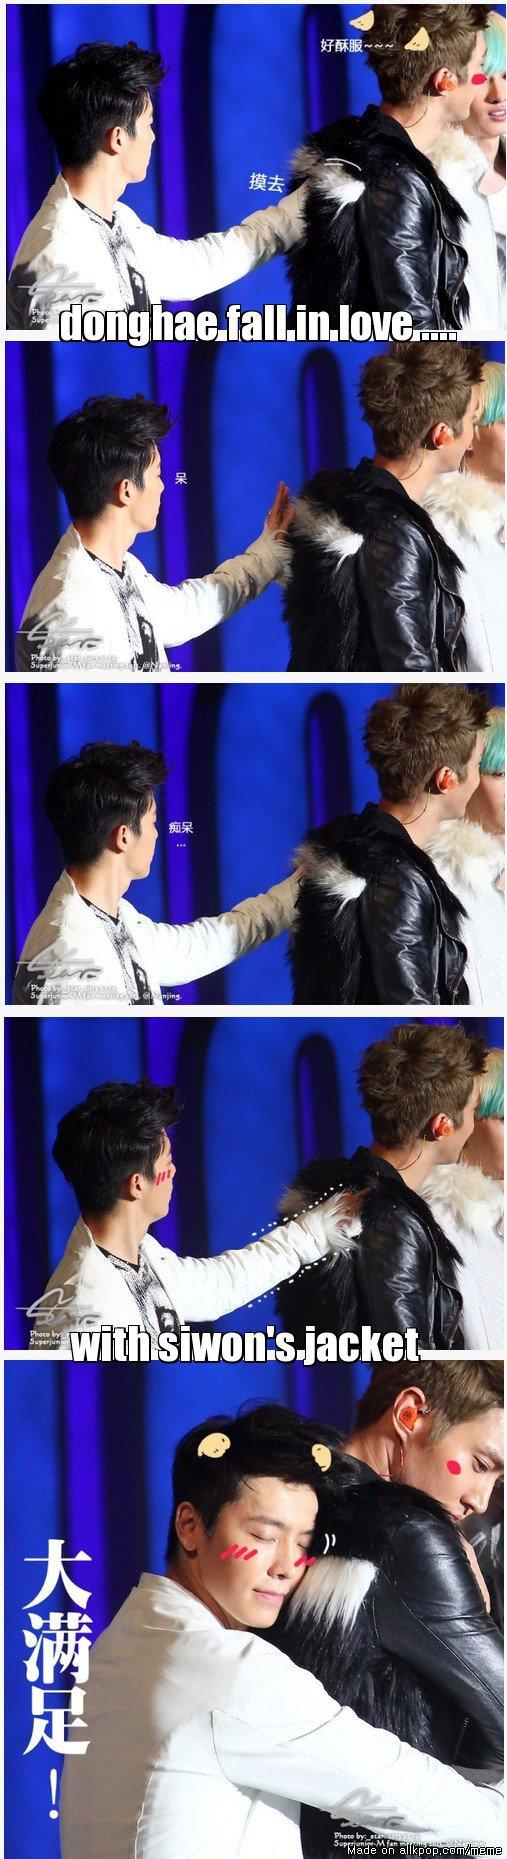 Super Junior Donghae Siwon Super Junior Funny Super Junior Memes